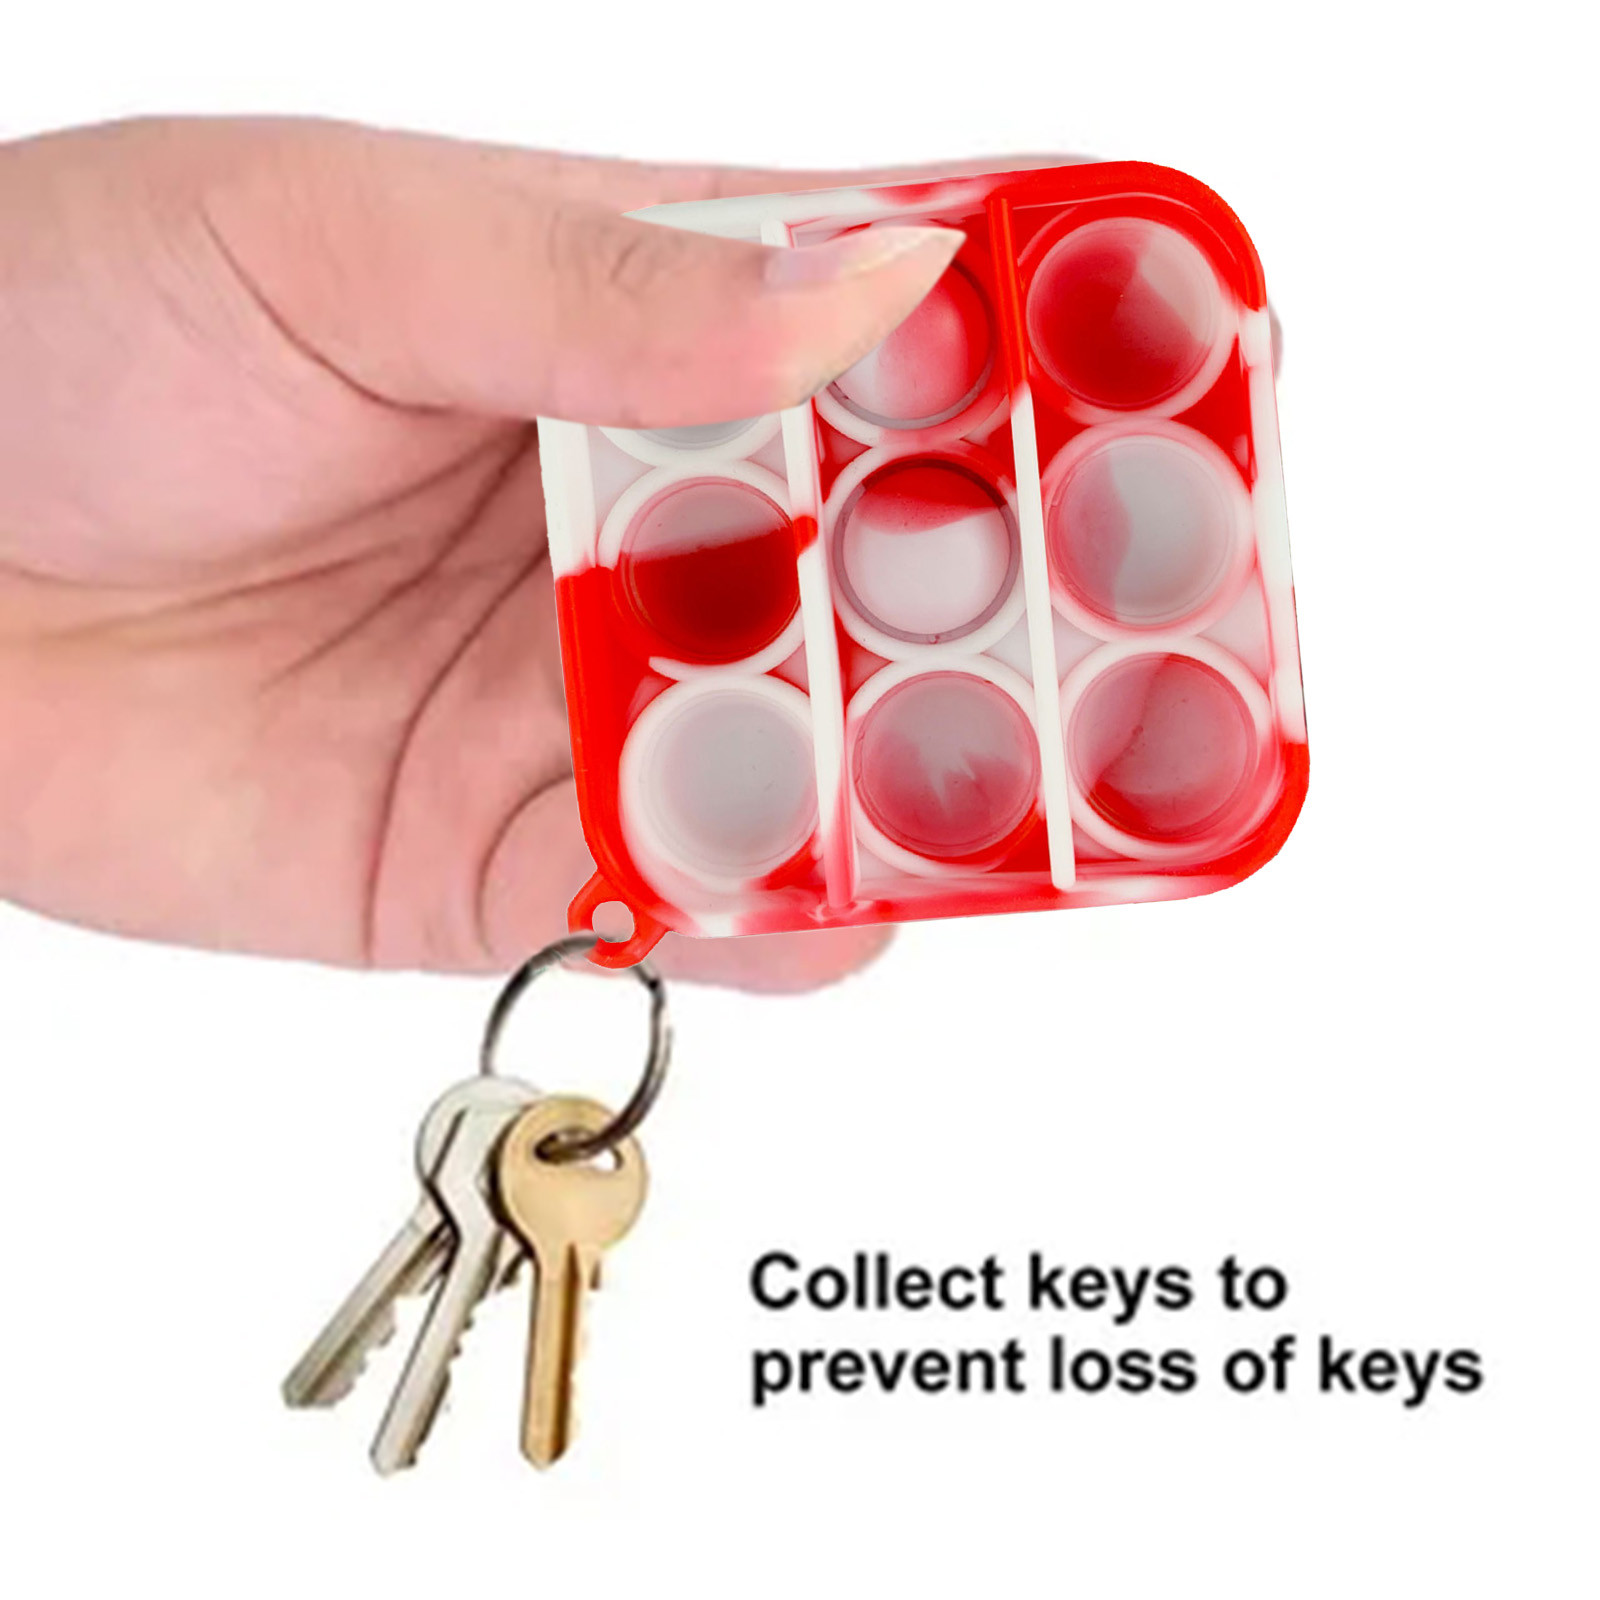 Fitget Toy Fidgets Simpel Dimpel Mini Anti-Stress-Board Pop-It-Keychain-Controller Kids img2